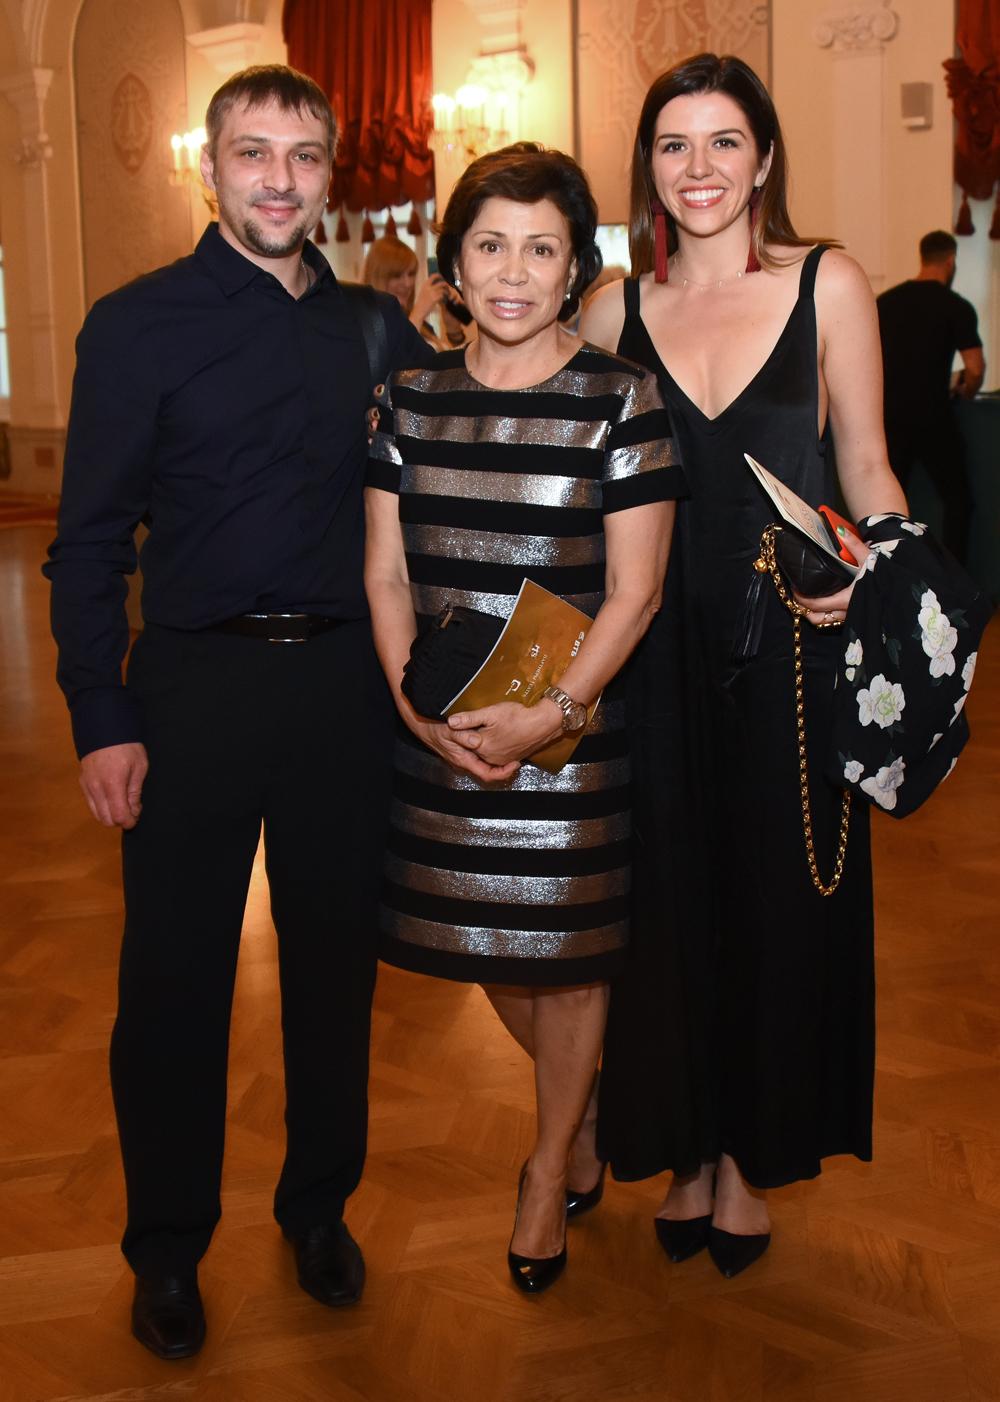 Ирина Роднина с сыном Александром Зайцевым и дочерью Аленой Миньковской, 2017 г.